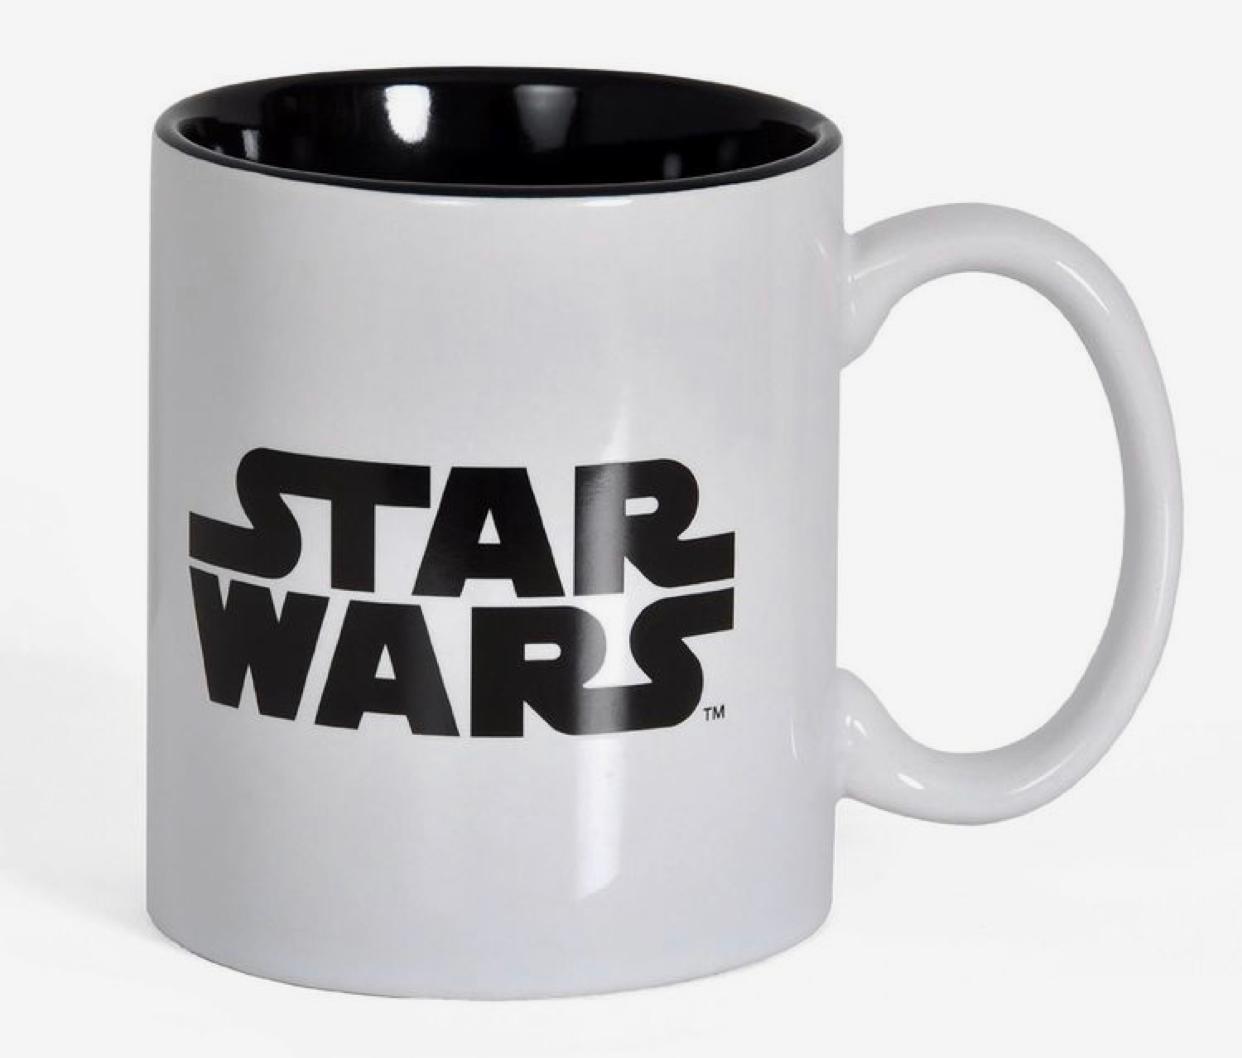 Caneca Star Wars: Logo (Preto e Branco)